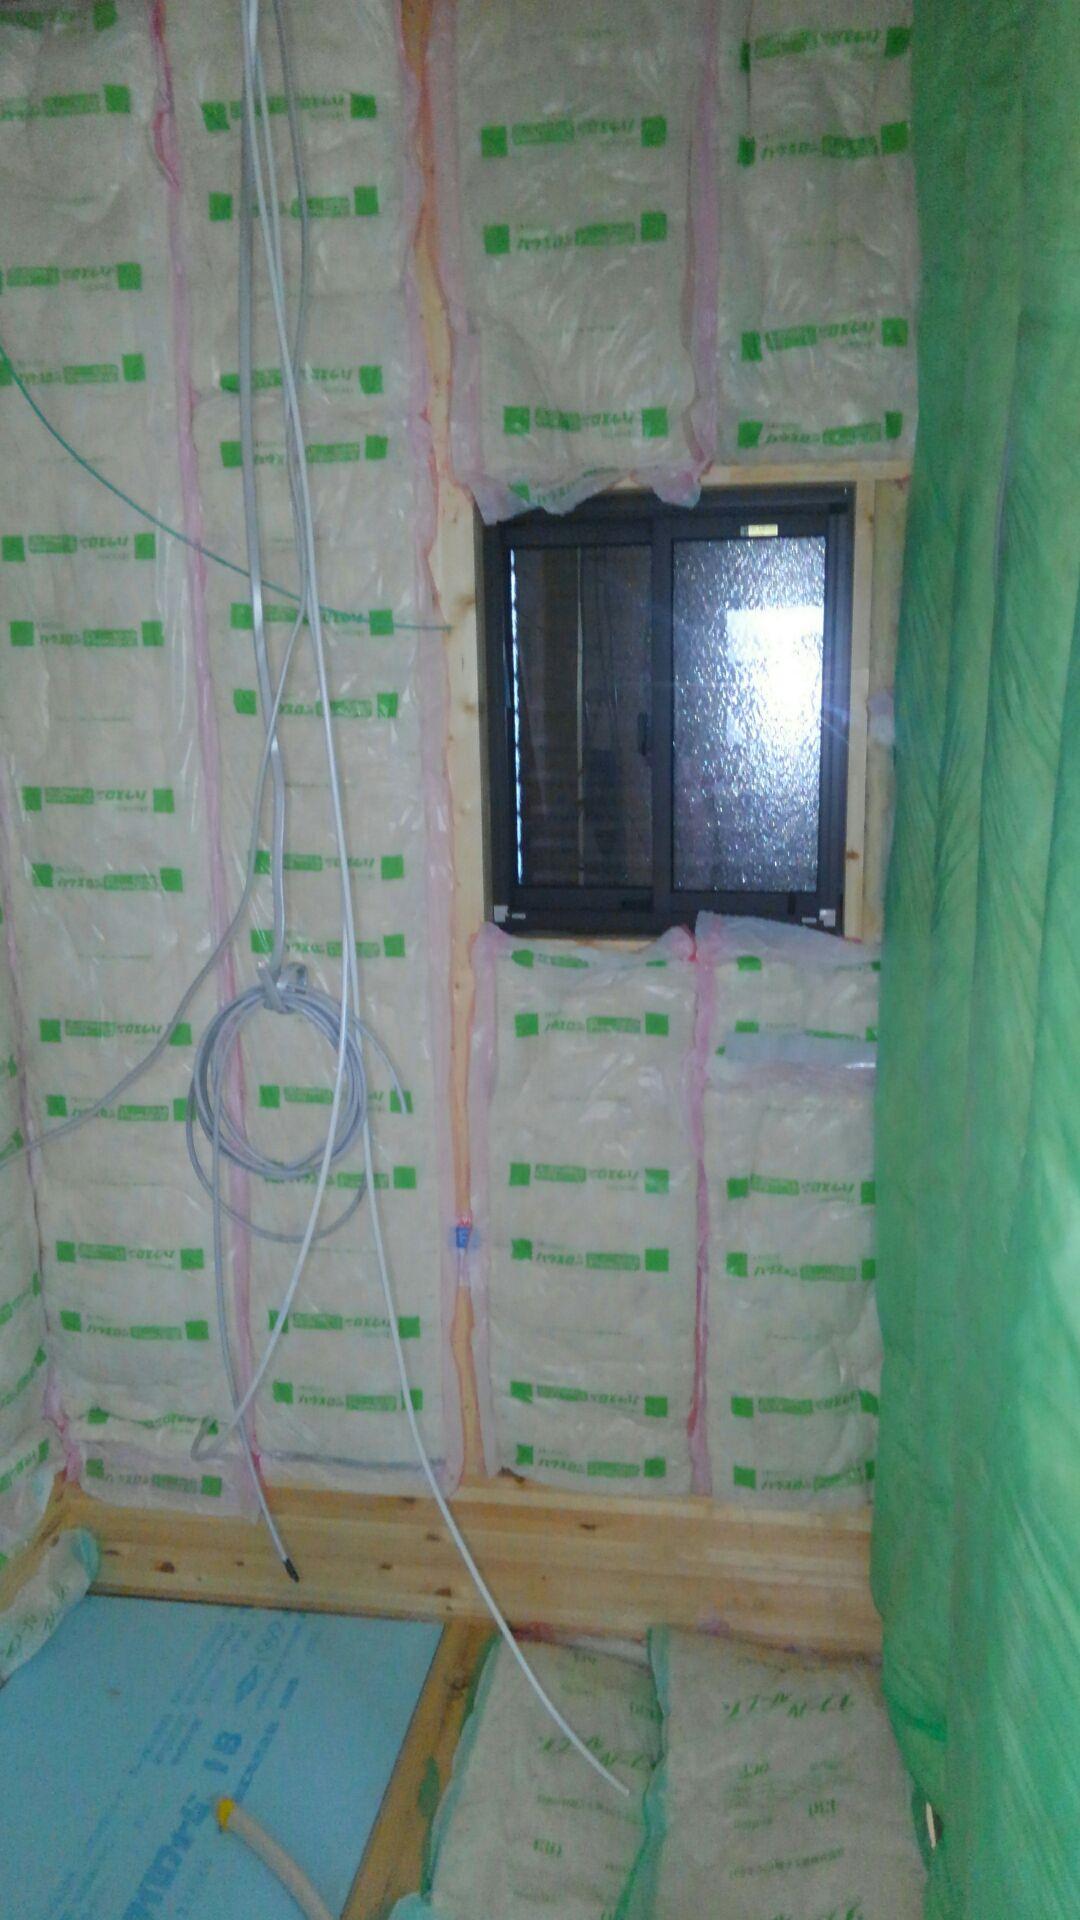 ユニットバスの断熱材もいつも通りにキッチリ。 内側の壁にも施工です。 保温力、高まってます!